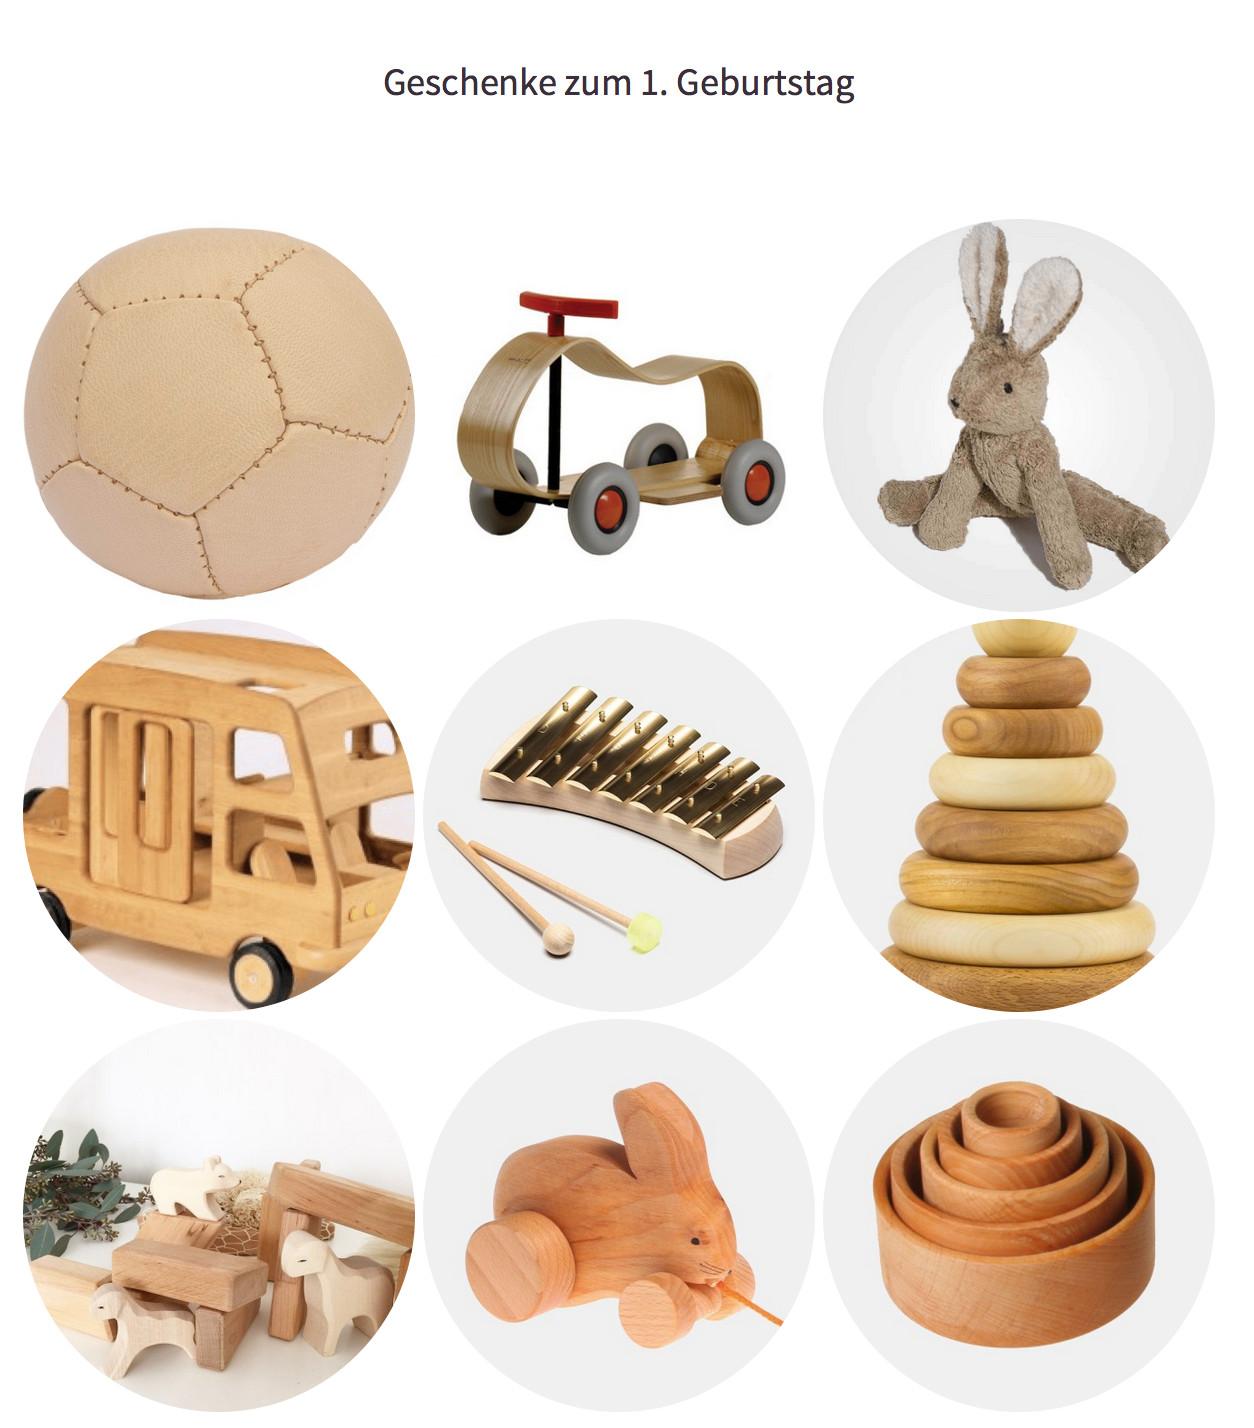 Geschenke Zum 1. Geburtstag  Geschenke zum 1 Geburtstag in Natur Mamablog & Shop